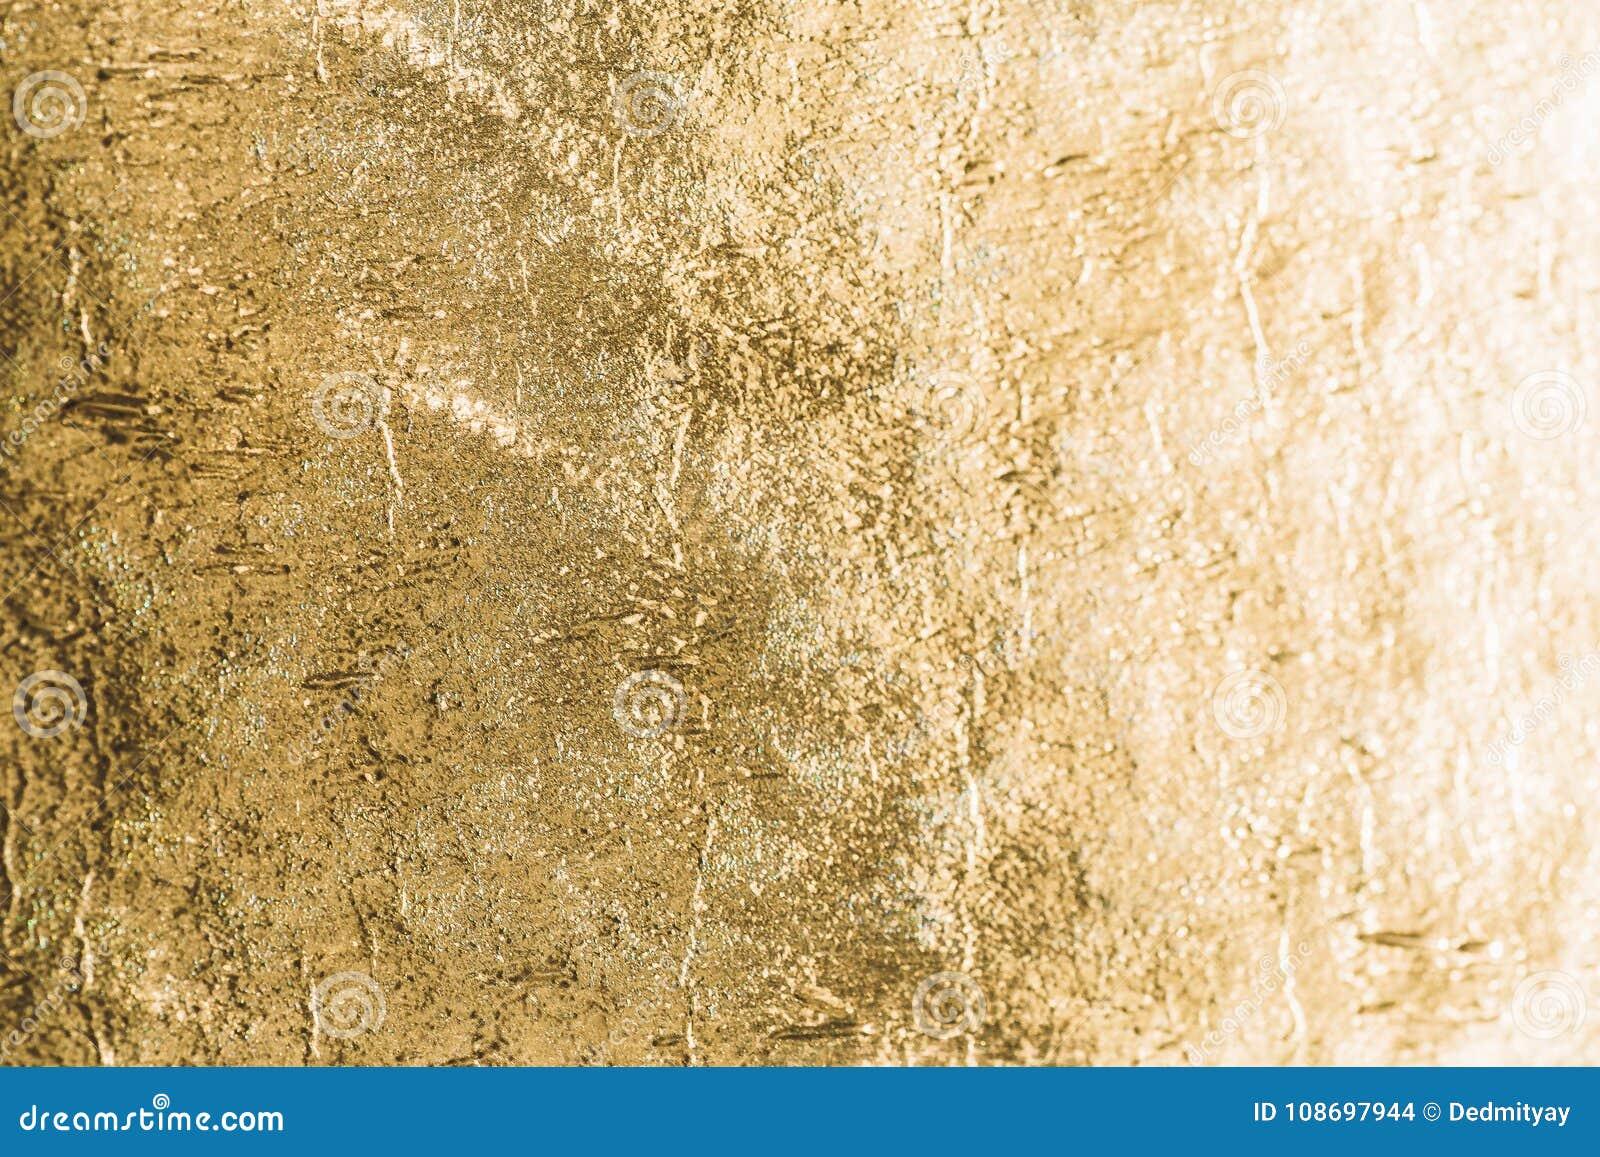 金发光的箔背景,黄色光泽金属纹理